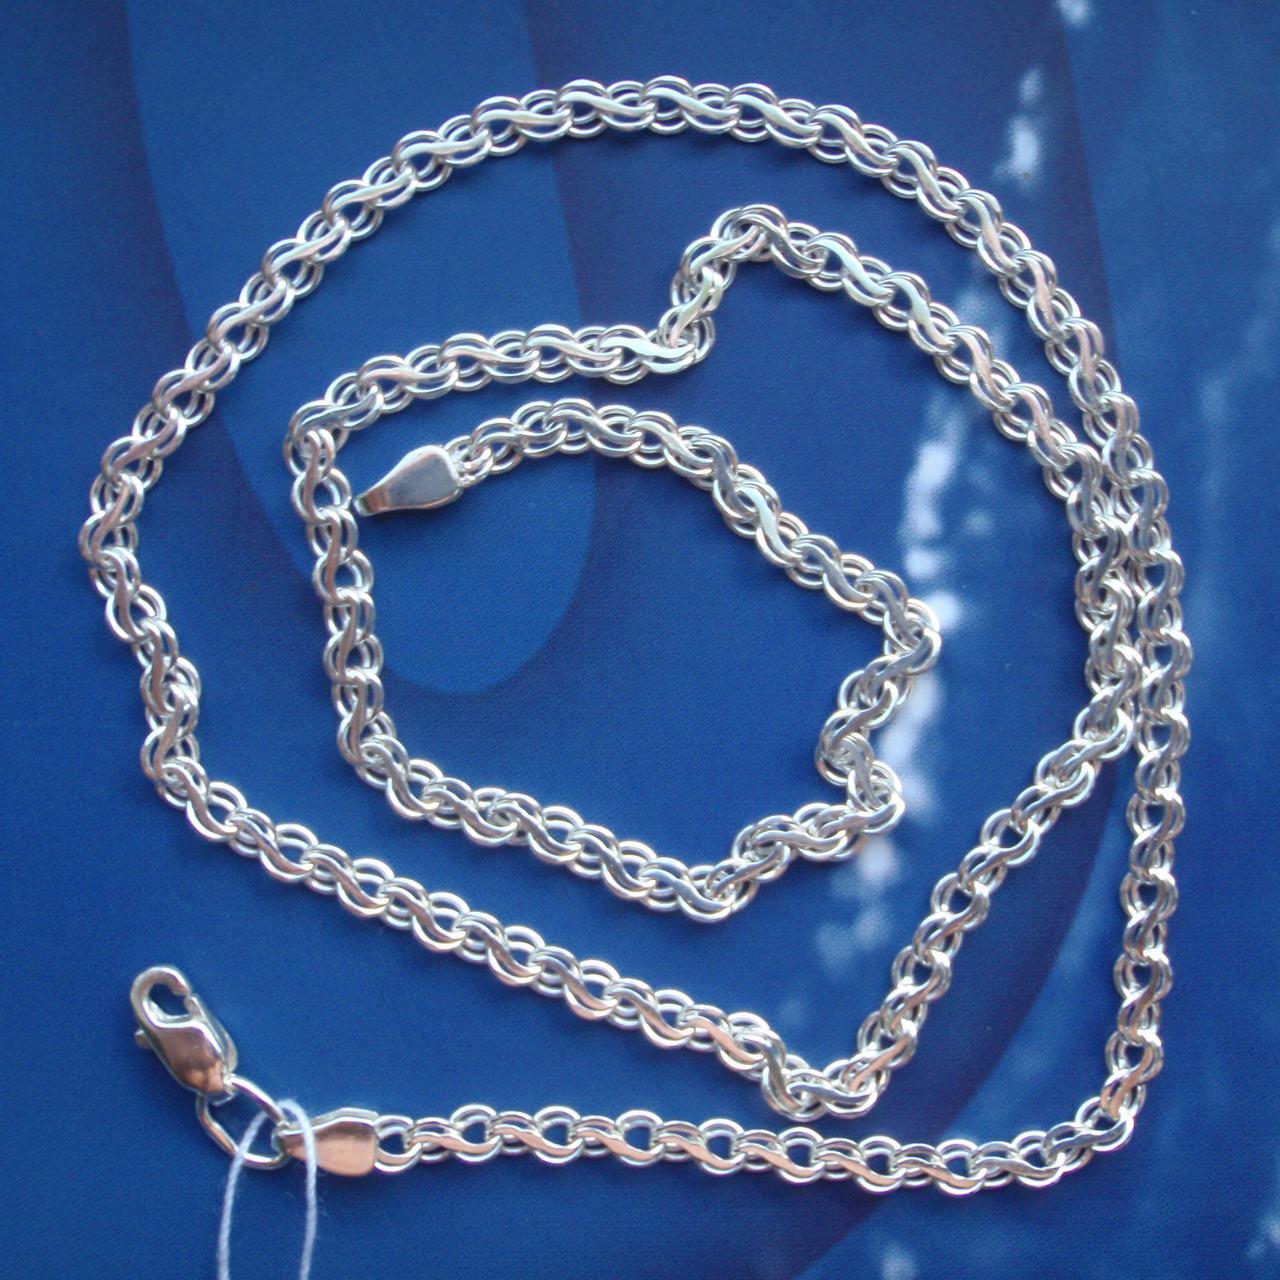 Срібна ланцюжок, 550мм, 9 грам, плетіння Струмок